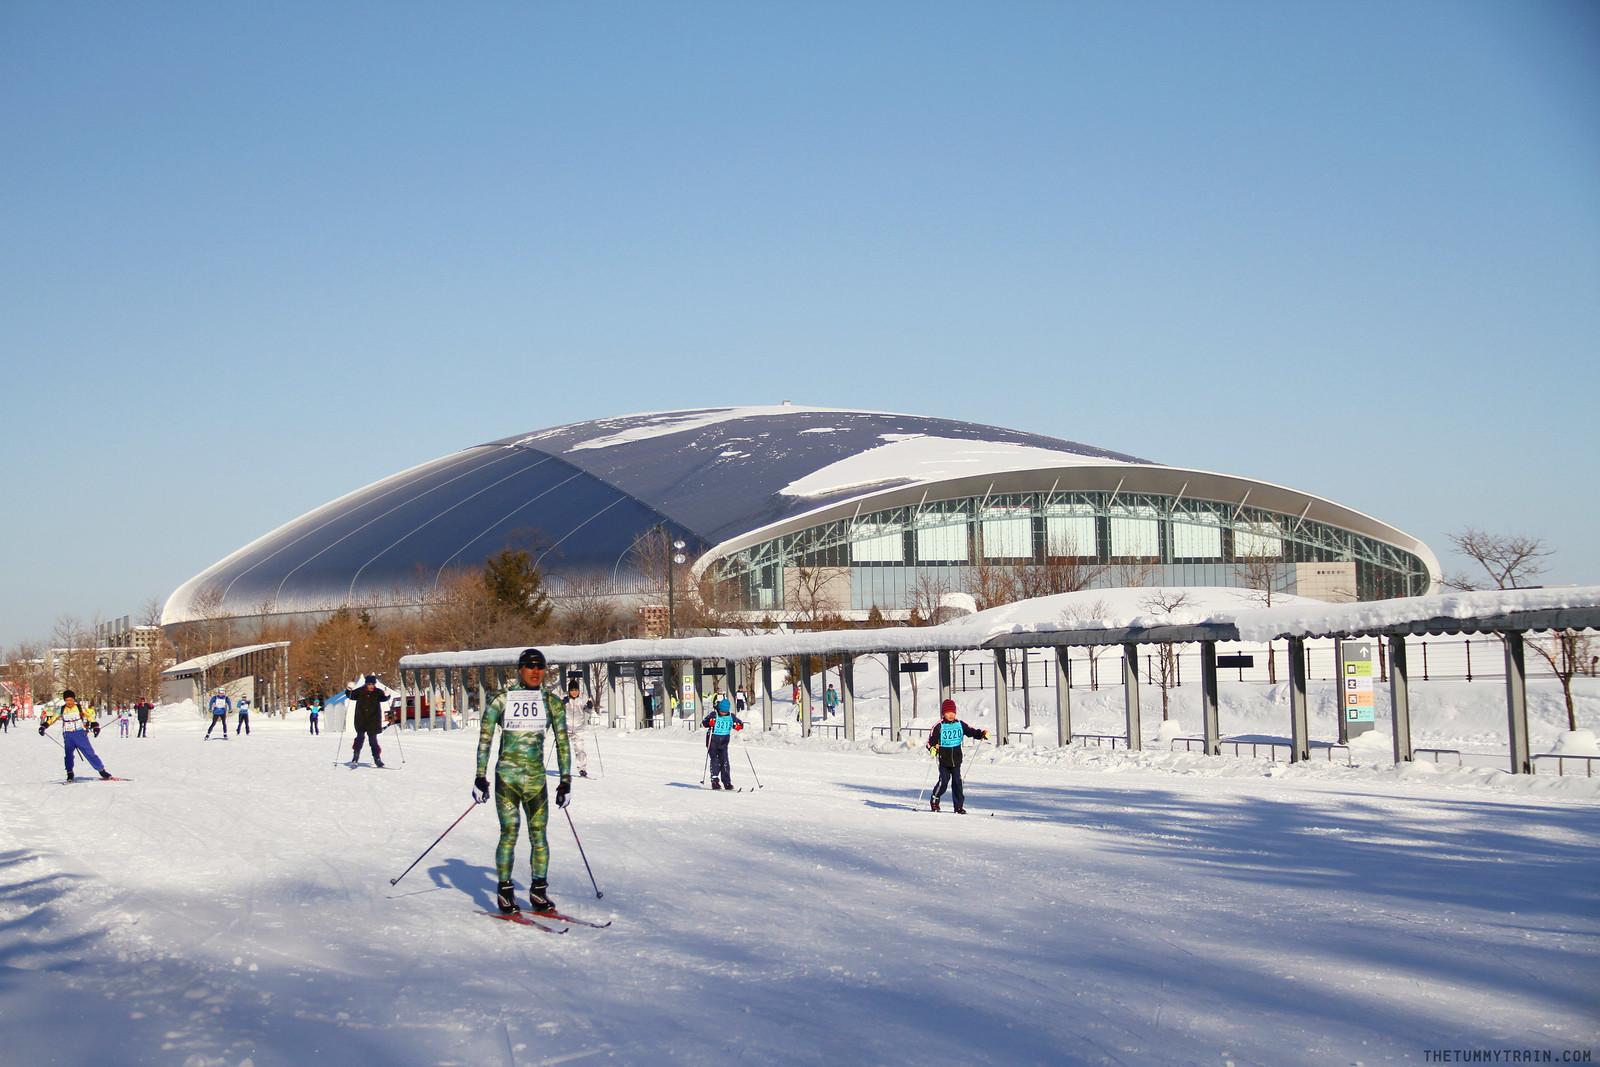 32916749395 246f07e368 h - Sapporo Snow And Smile: 8 Unforgettable Winter Experiences in Sapporo City